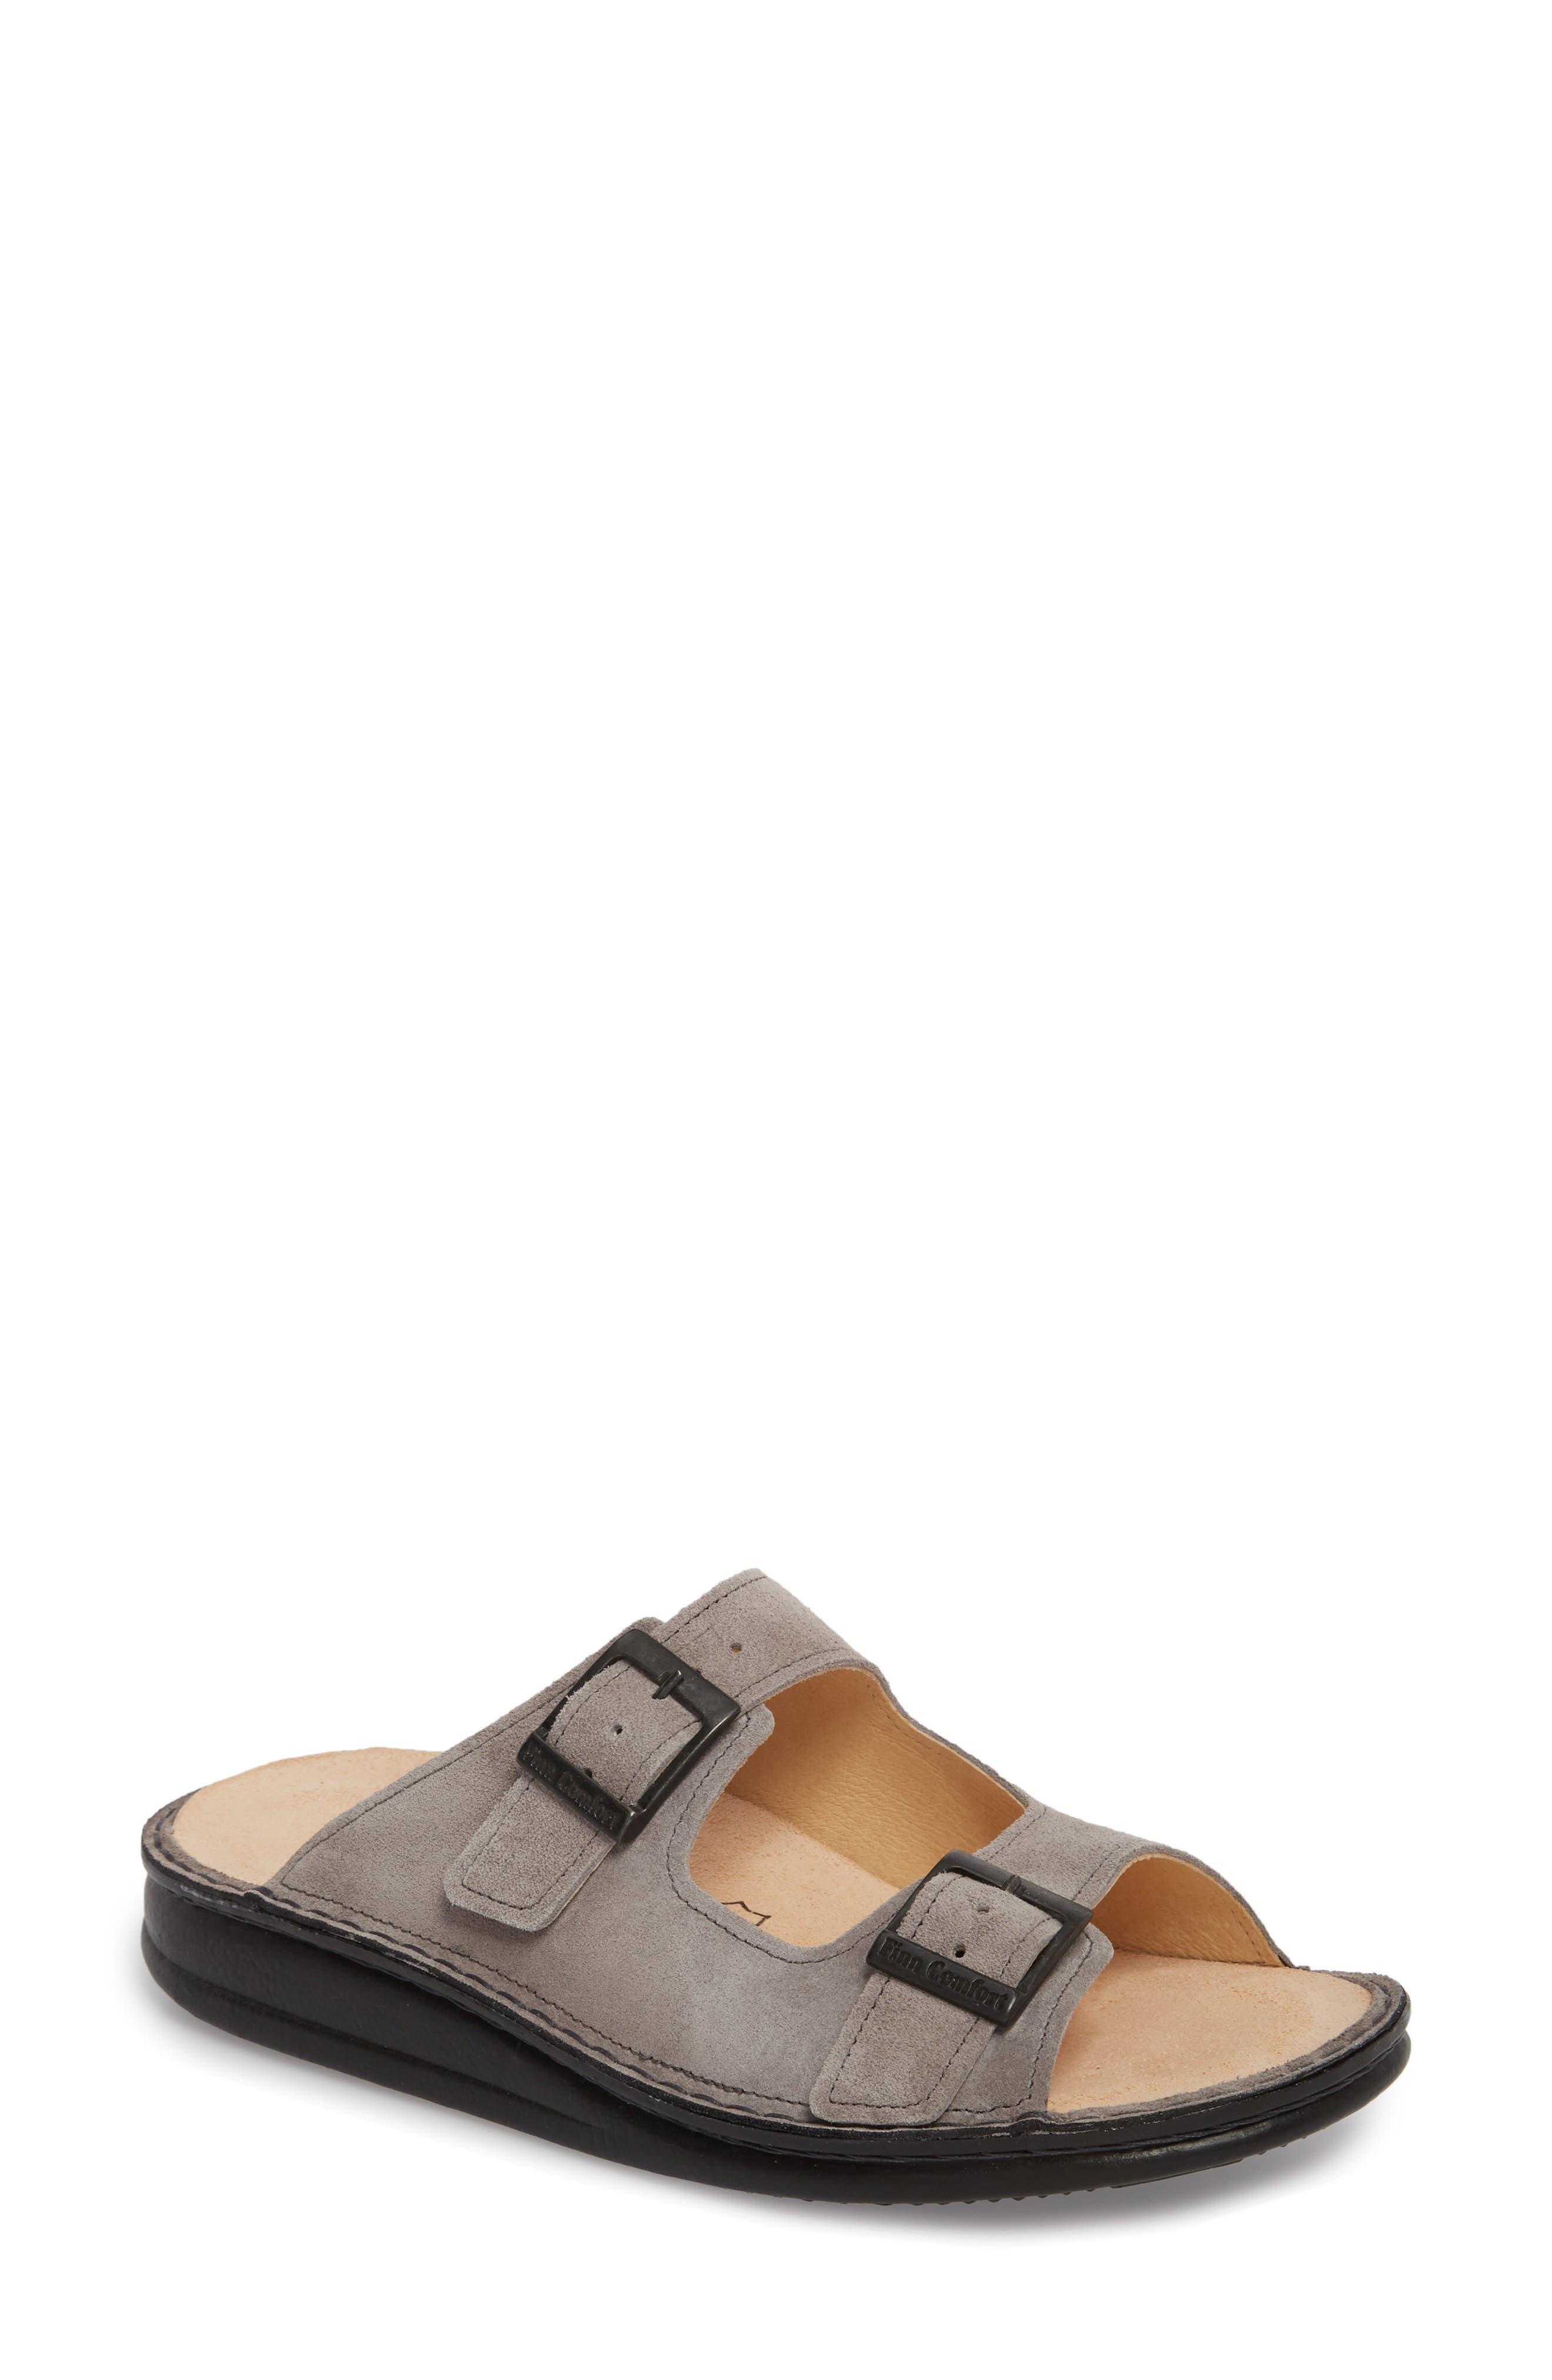 Hollister Slide Sandal,                         Main,                         color, GINGER LEATHER